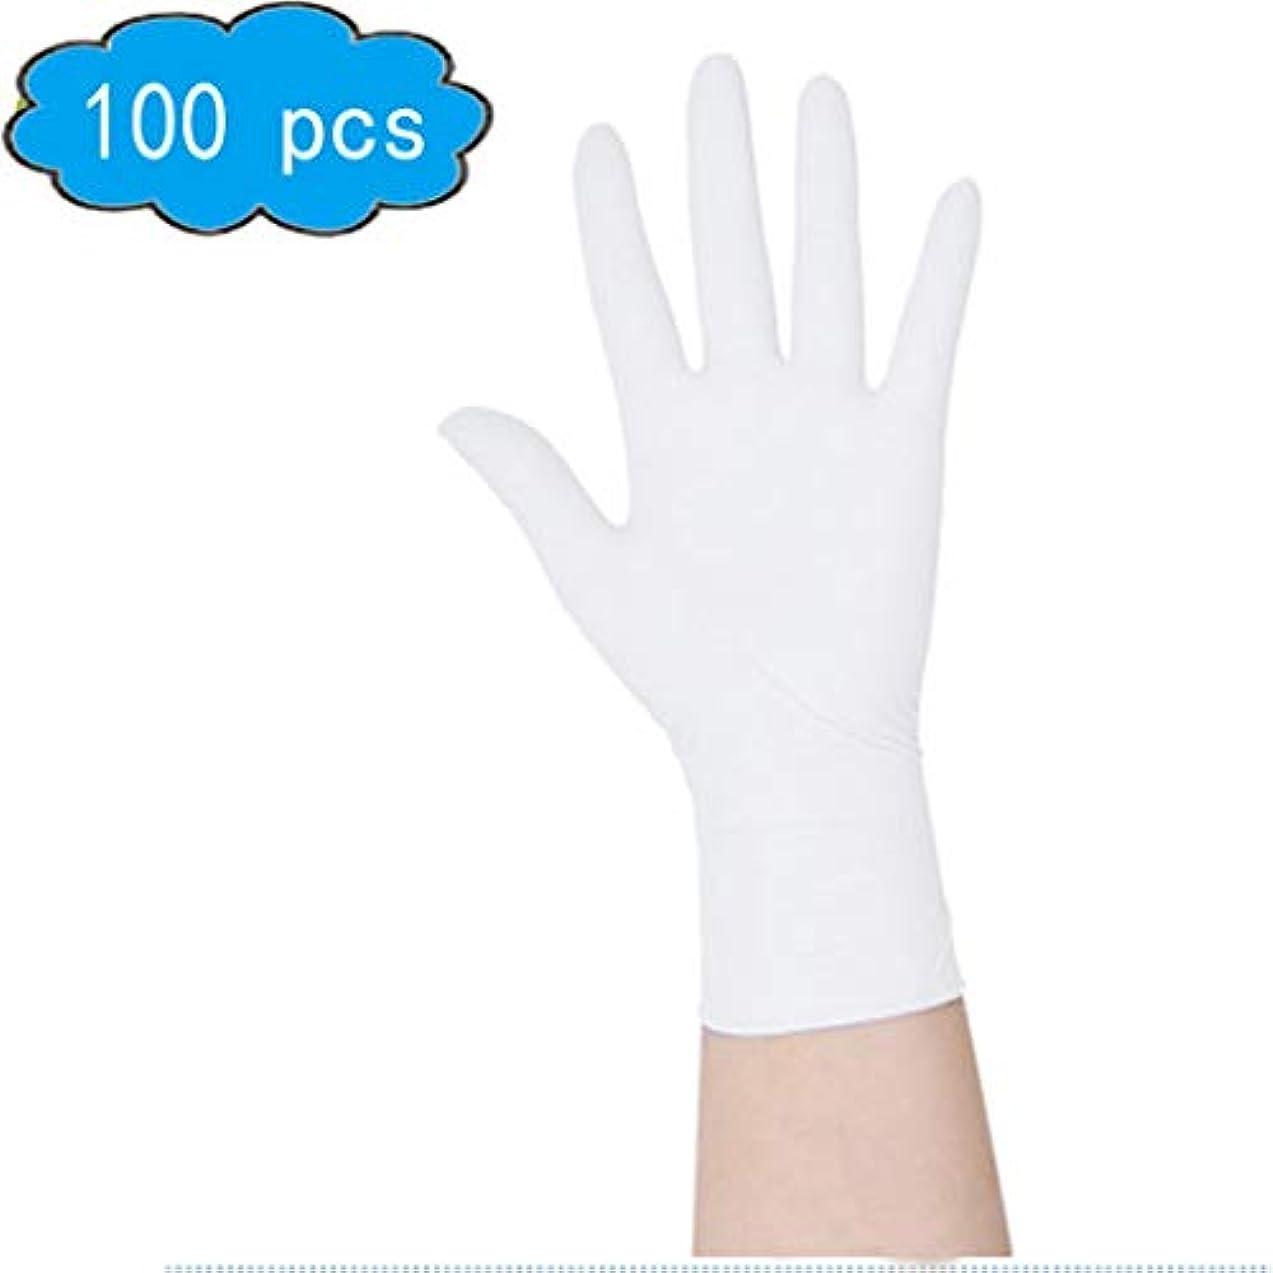 拘束するバッグ成熟した使い捨てラテックス検査用手袋、使い捨て、使えるフリーサイズニトリルクリーニンググローブ(100カウント) (Color : White, Size : L)